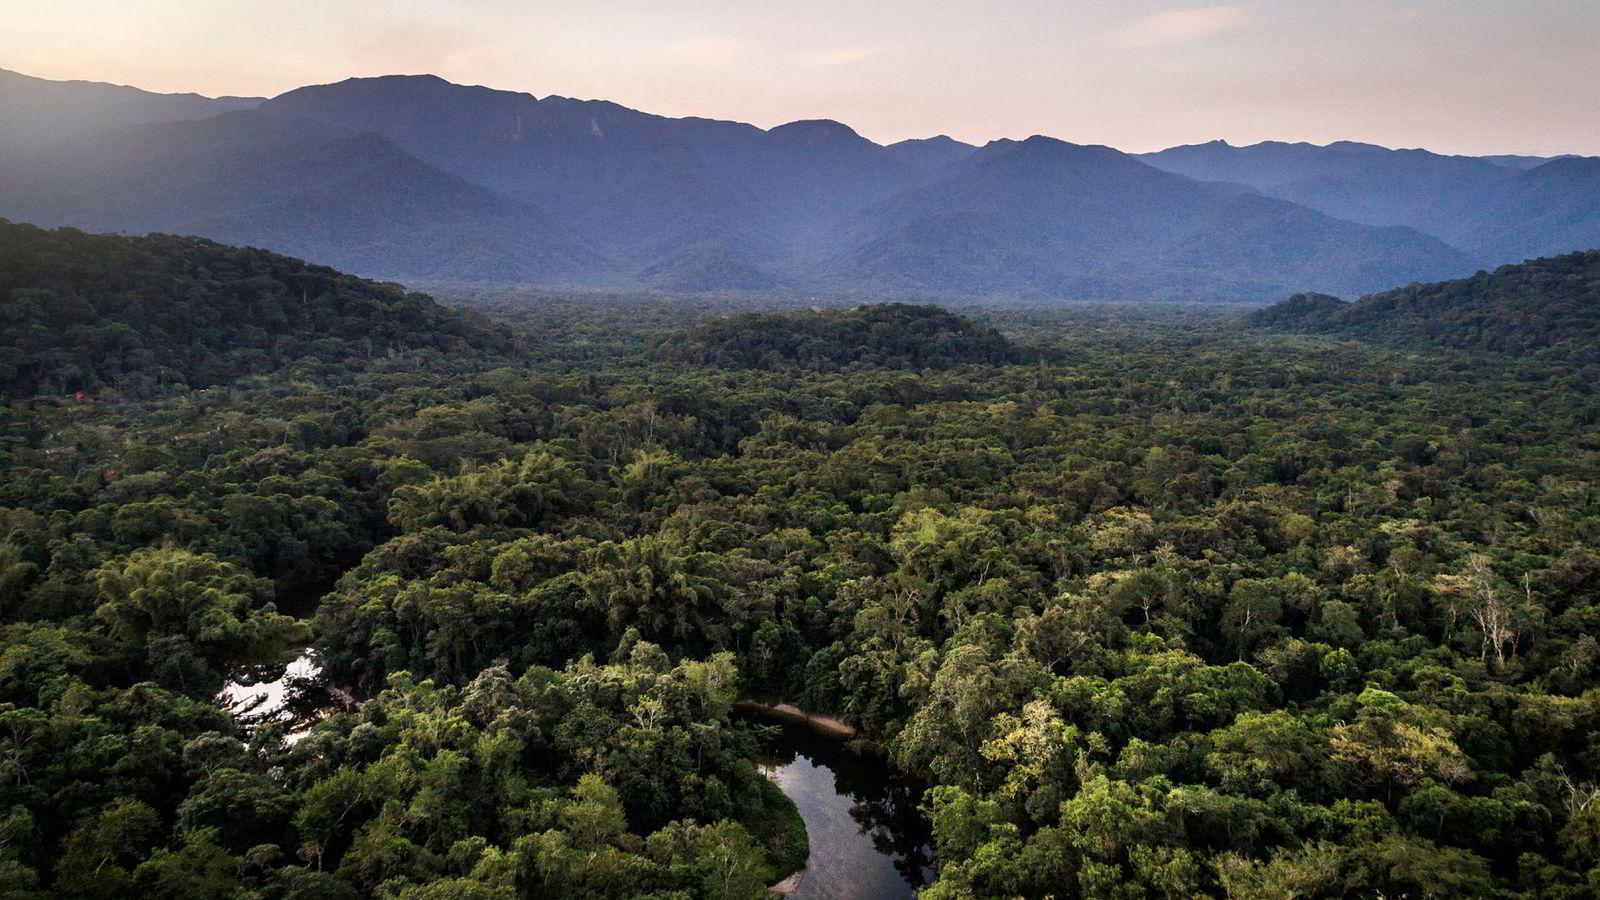 Majoritetseieren i Equinor, det norske folk, har vist seg villig til å gi avkall på penger for å verne Amazonas, skriver artikkelforfatteren.